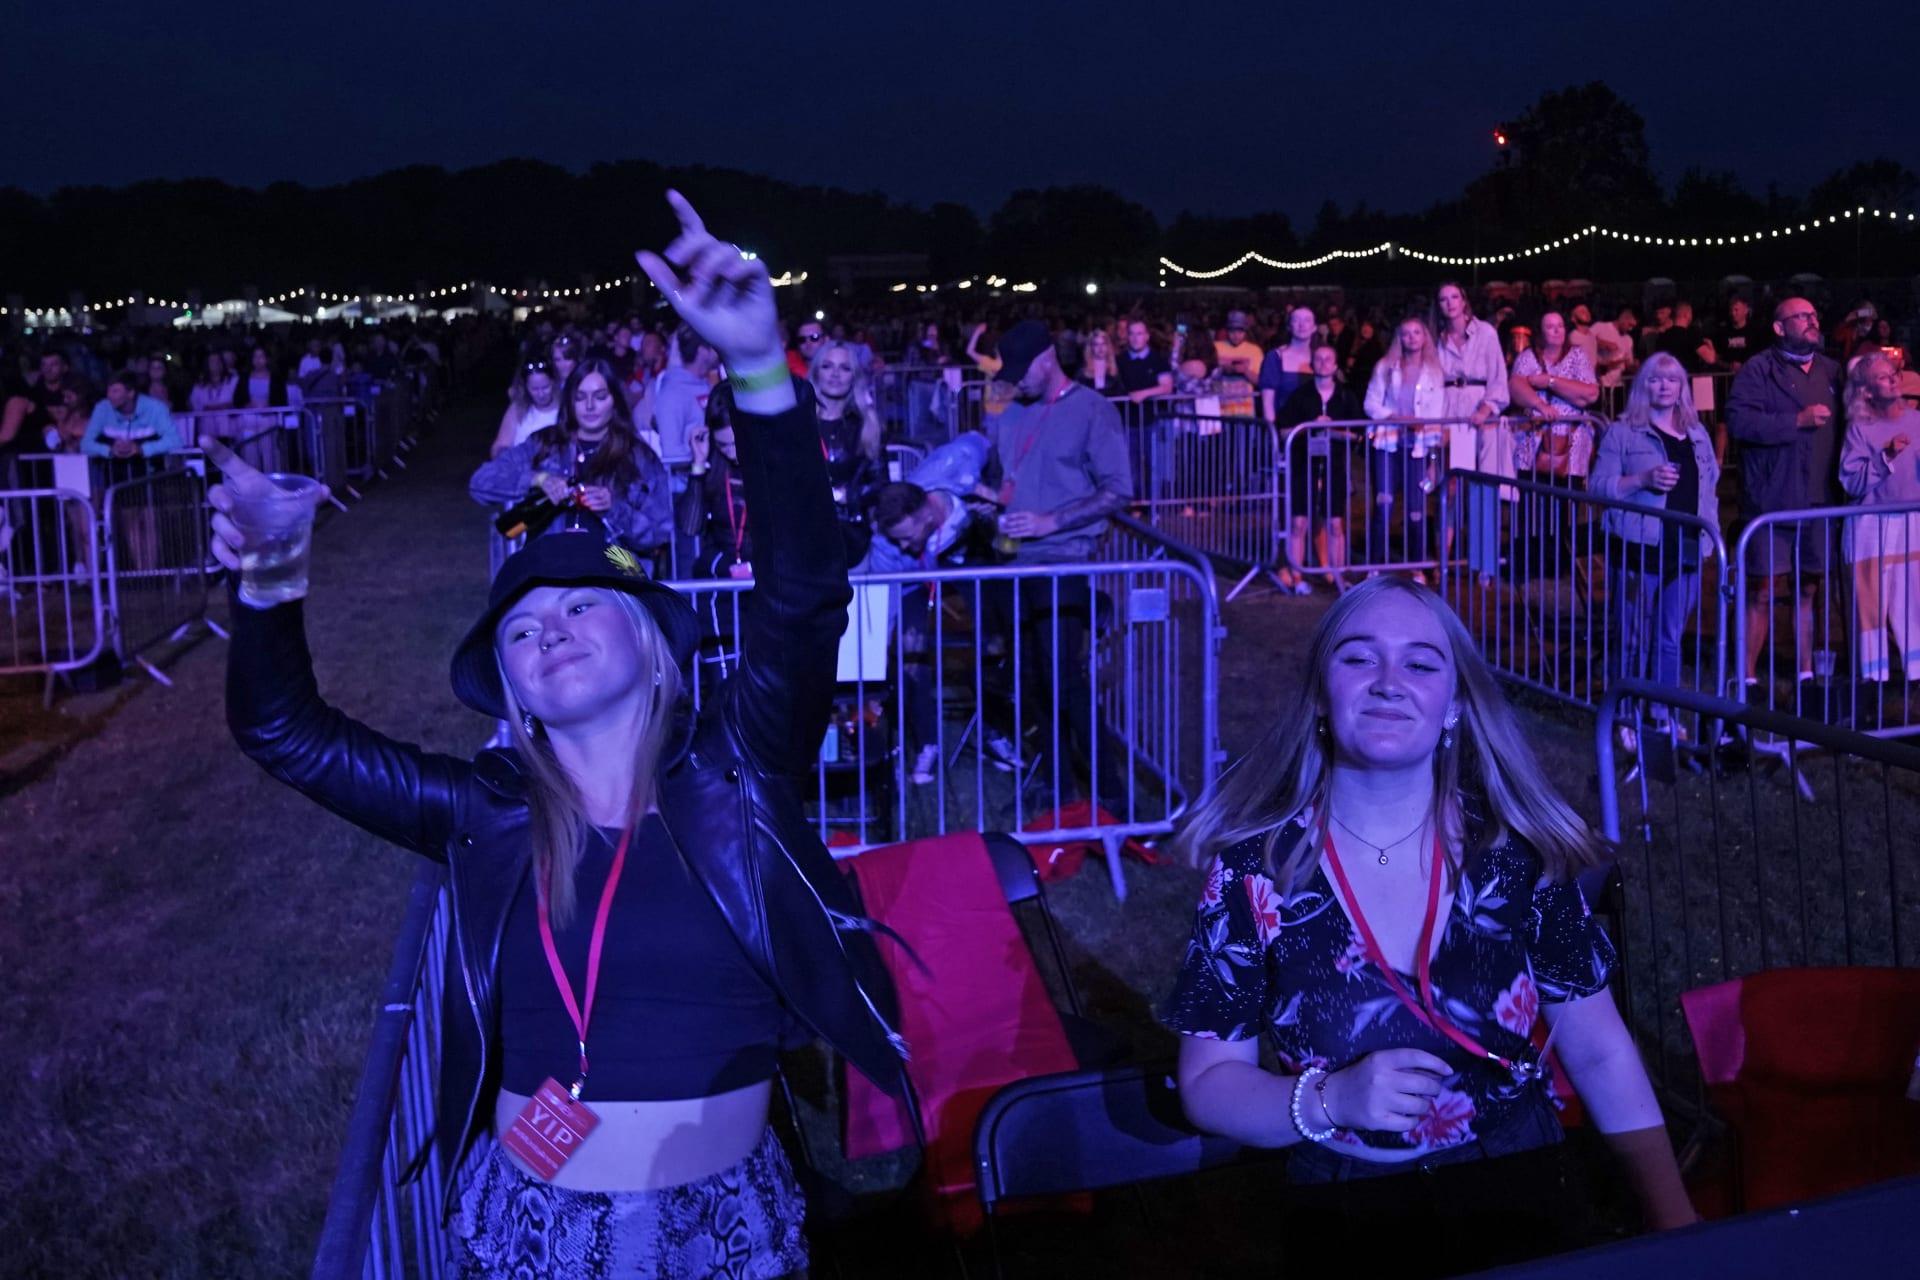 صور لحفل موسيقي يطبق التباعد الاجتماعي بالمملكة المتحدة.. هل هذا هو واقع الحفلات الموسيقية بظل كورونا؟